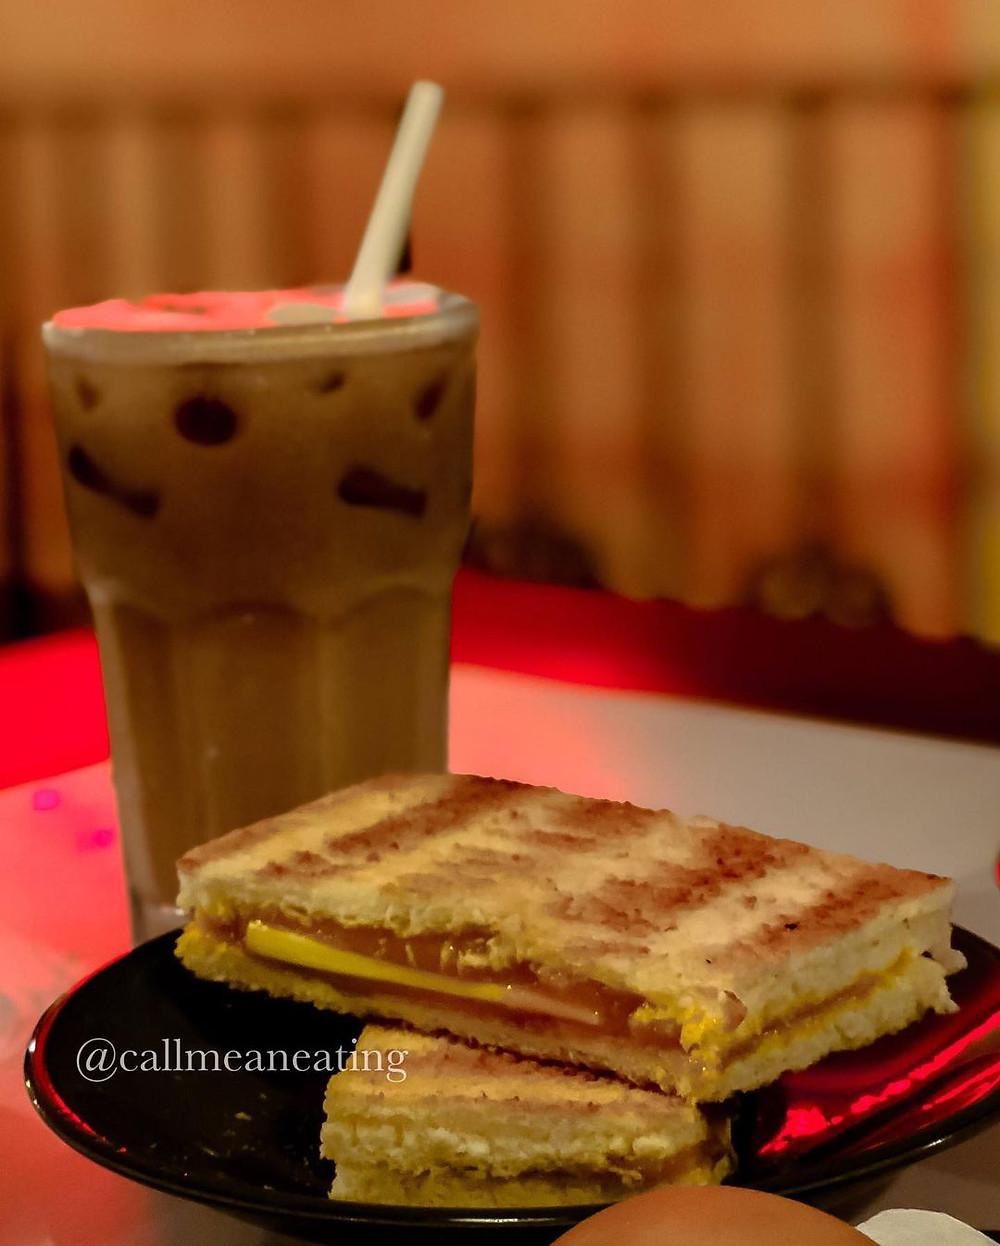 an duyên chợ lớn, bánh mì kayatoast, bánh mì singapore, bánh mì hải nam, ăn sáng chợ lớn, chợ lớn ăn gì ngon, ăn uống quận 5, nhà hàng quận 5, quán ăn quận 5